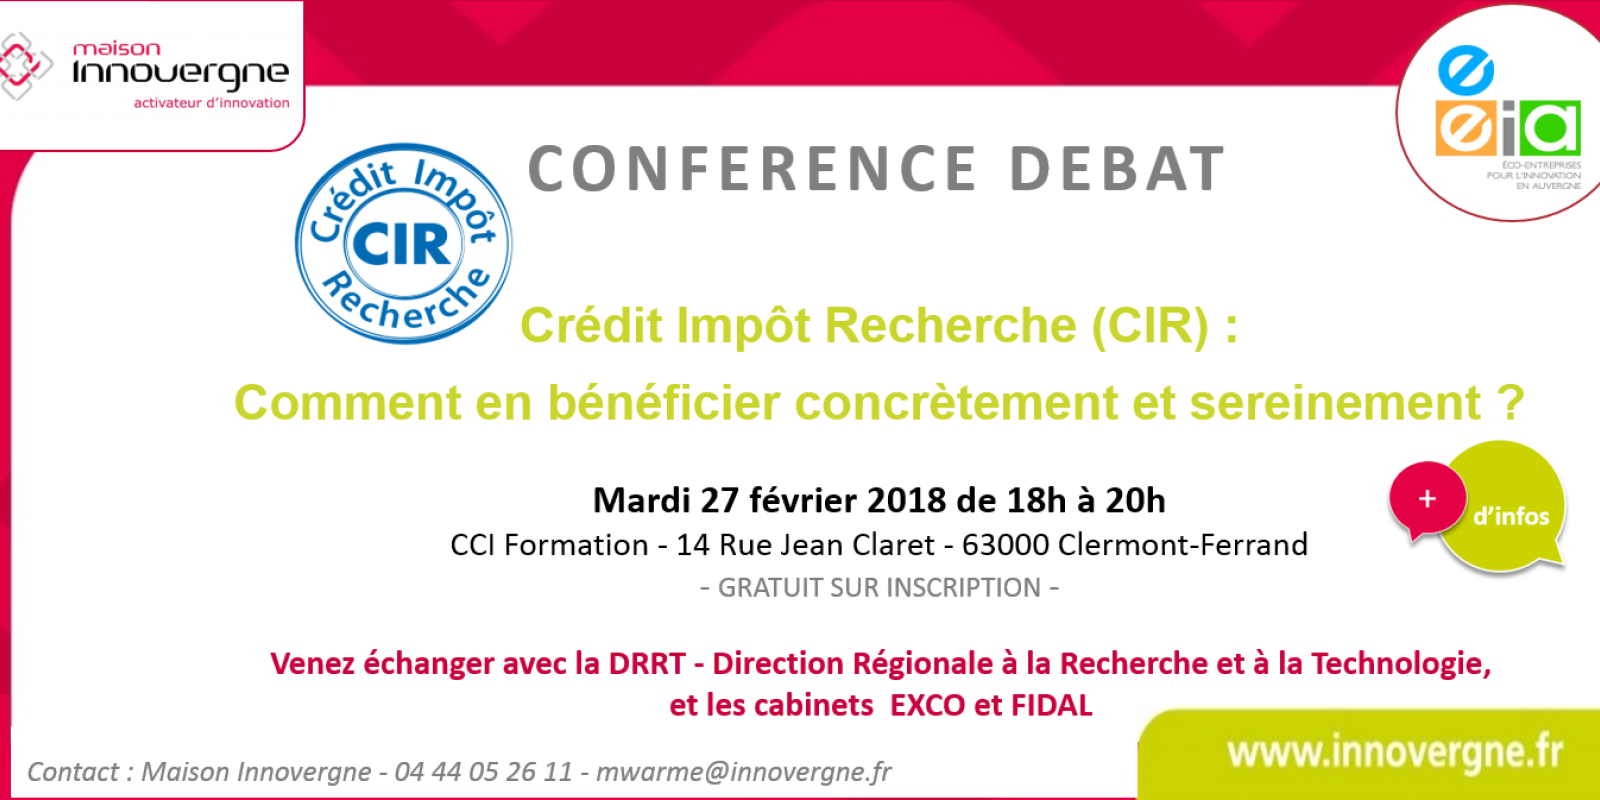 Rencontre-débat : Crédit Impôt Recherche (CIR) : Comment en bénéficier concrètement et sereinement?